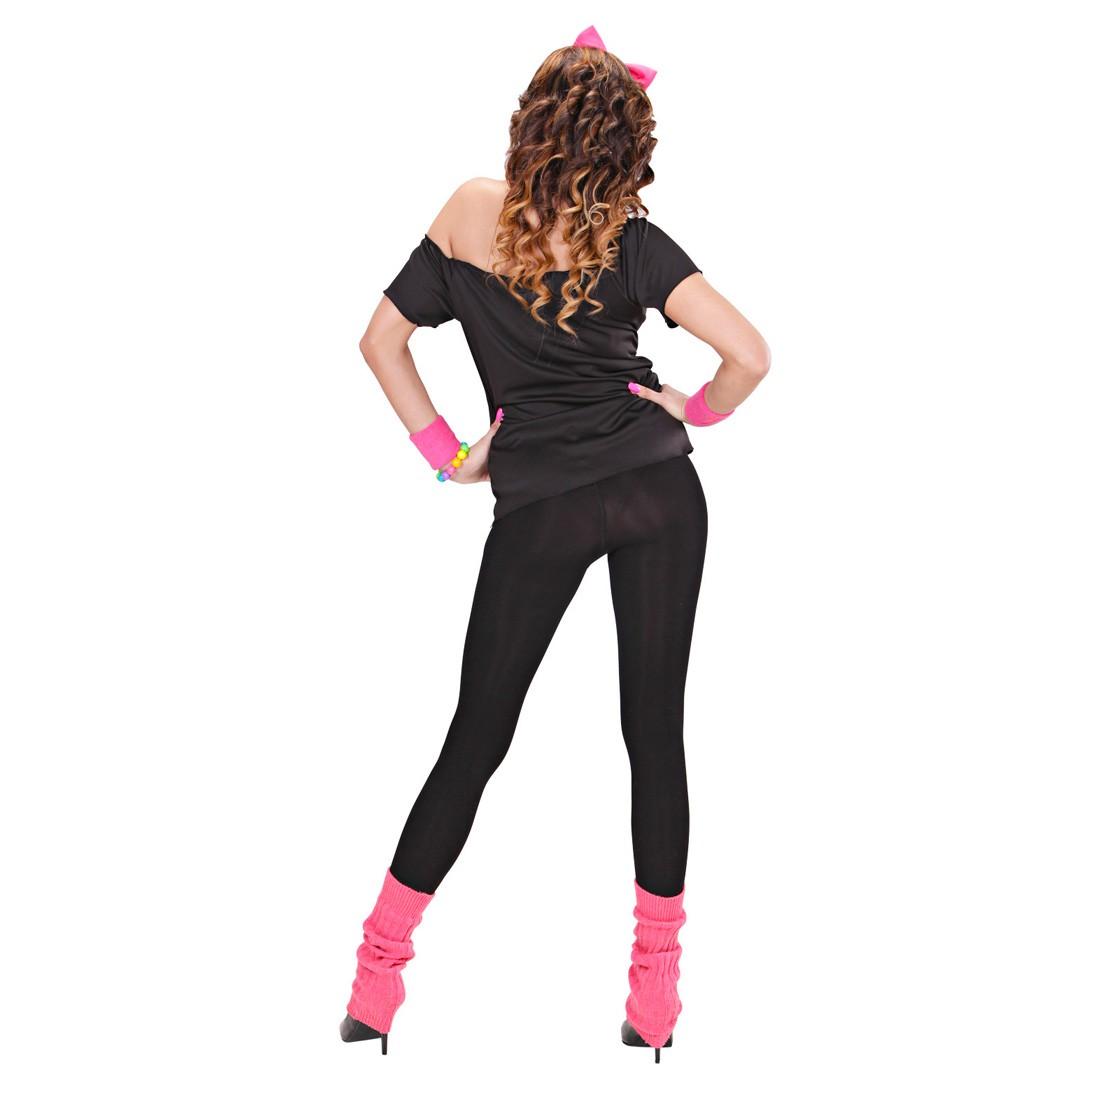 madonna kost m 80er jahre outfit popstar kleidung 15 99. Black Bedroom Furniture Sets. Home Design Ideas